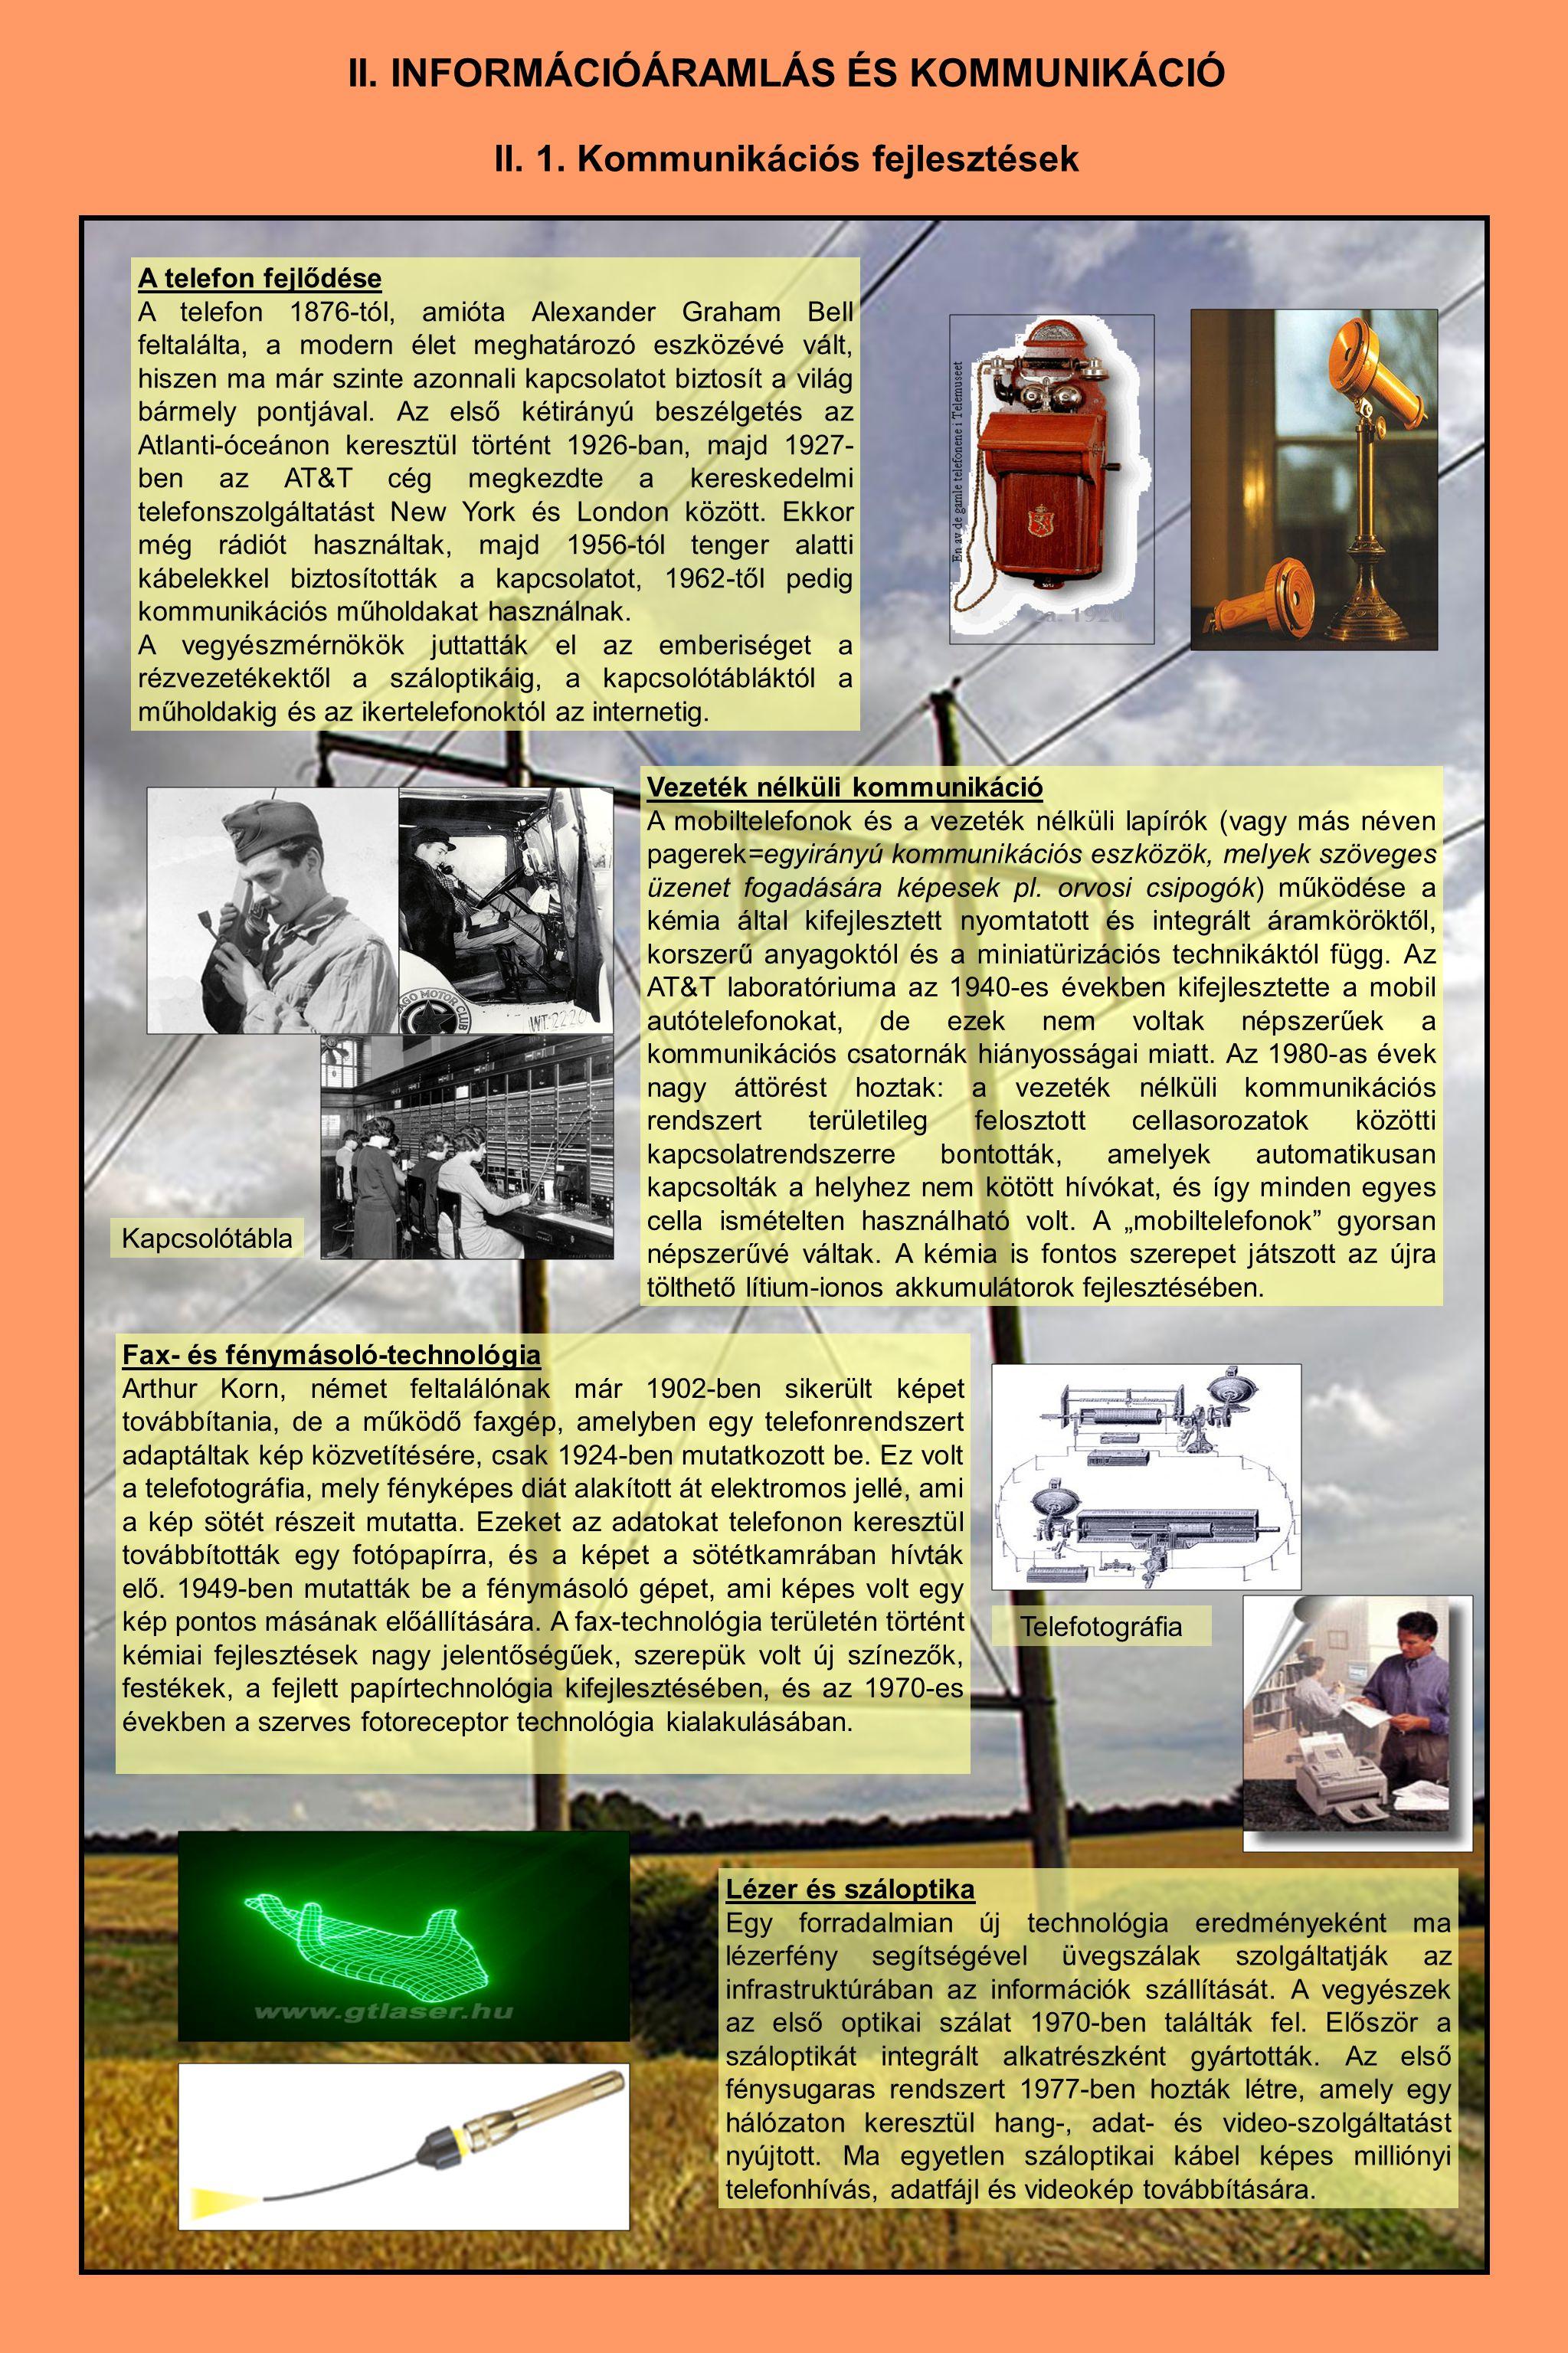 II. 1. Kommunikációs fejlesztések A telefon fejlődése A telefon 1876-tól, amióta Alexander Graham Bell feltalálta, a modern élet meghatározó eszközévé